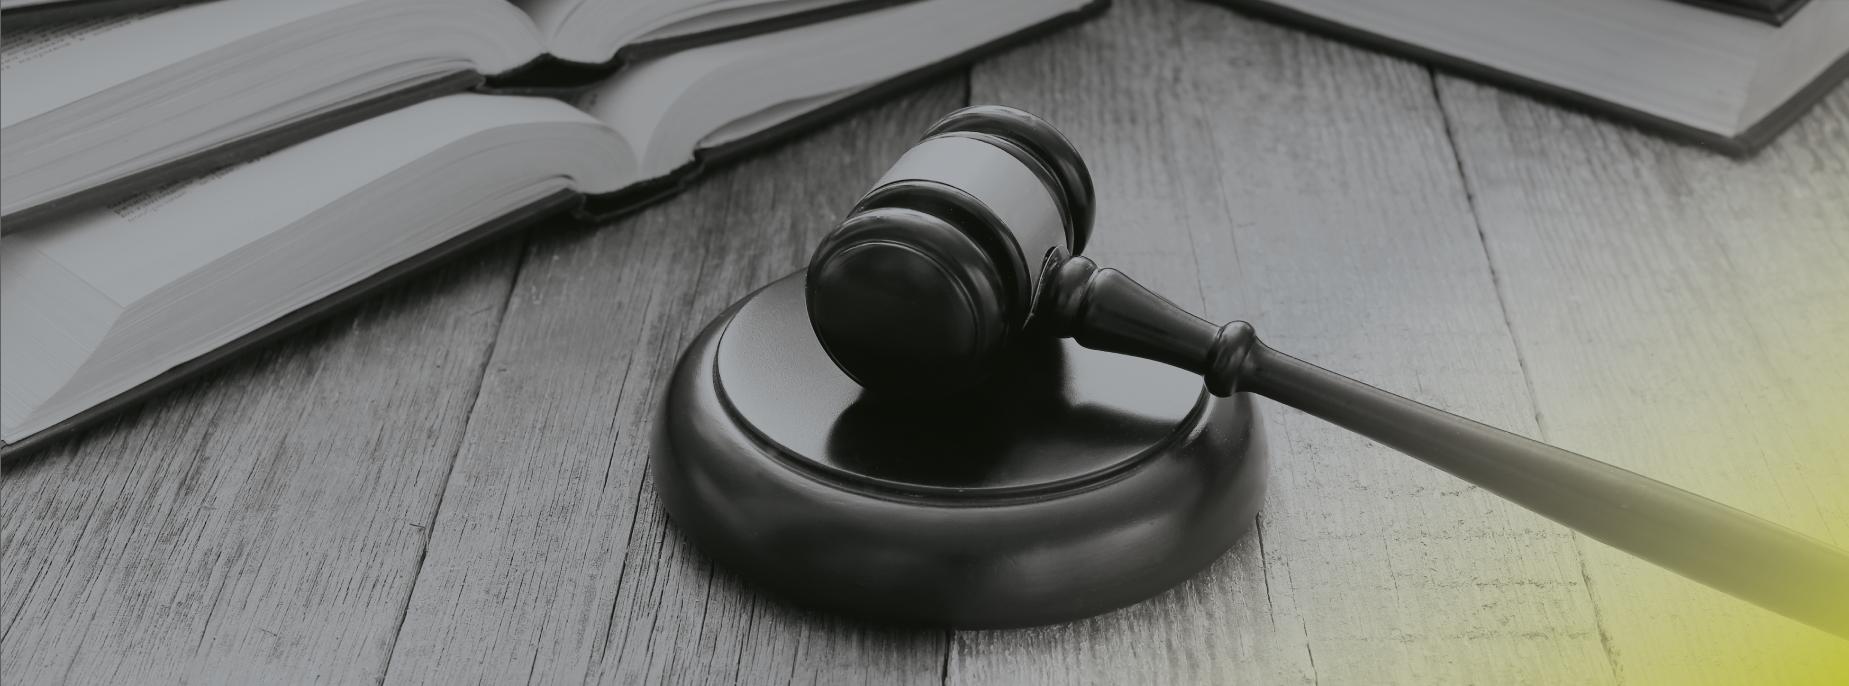 Formación jurídica de calidad. Aprende con los mejores